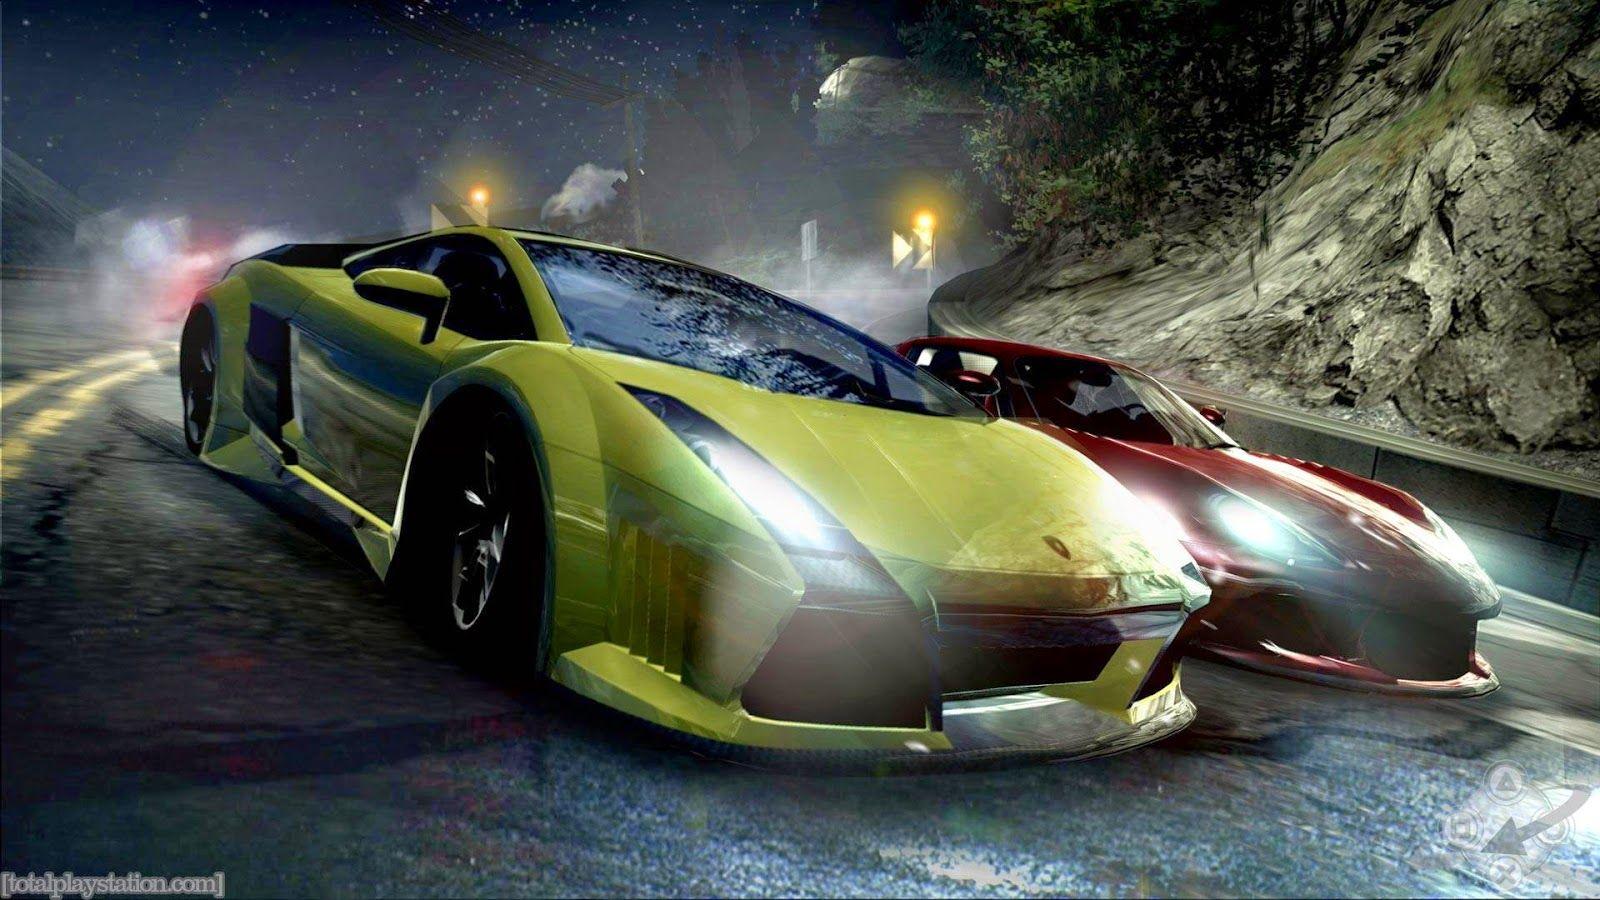 Kumpulan Software Gratis Full Versi: Game NFS Carbon Highly